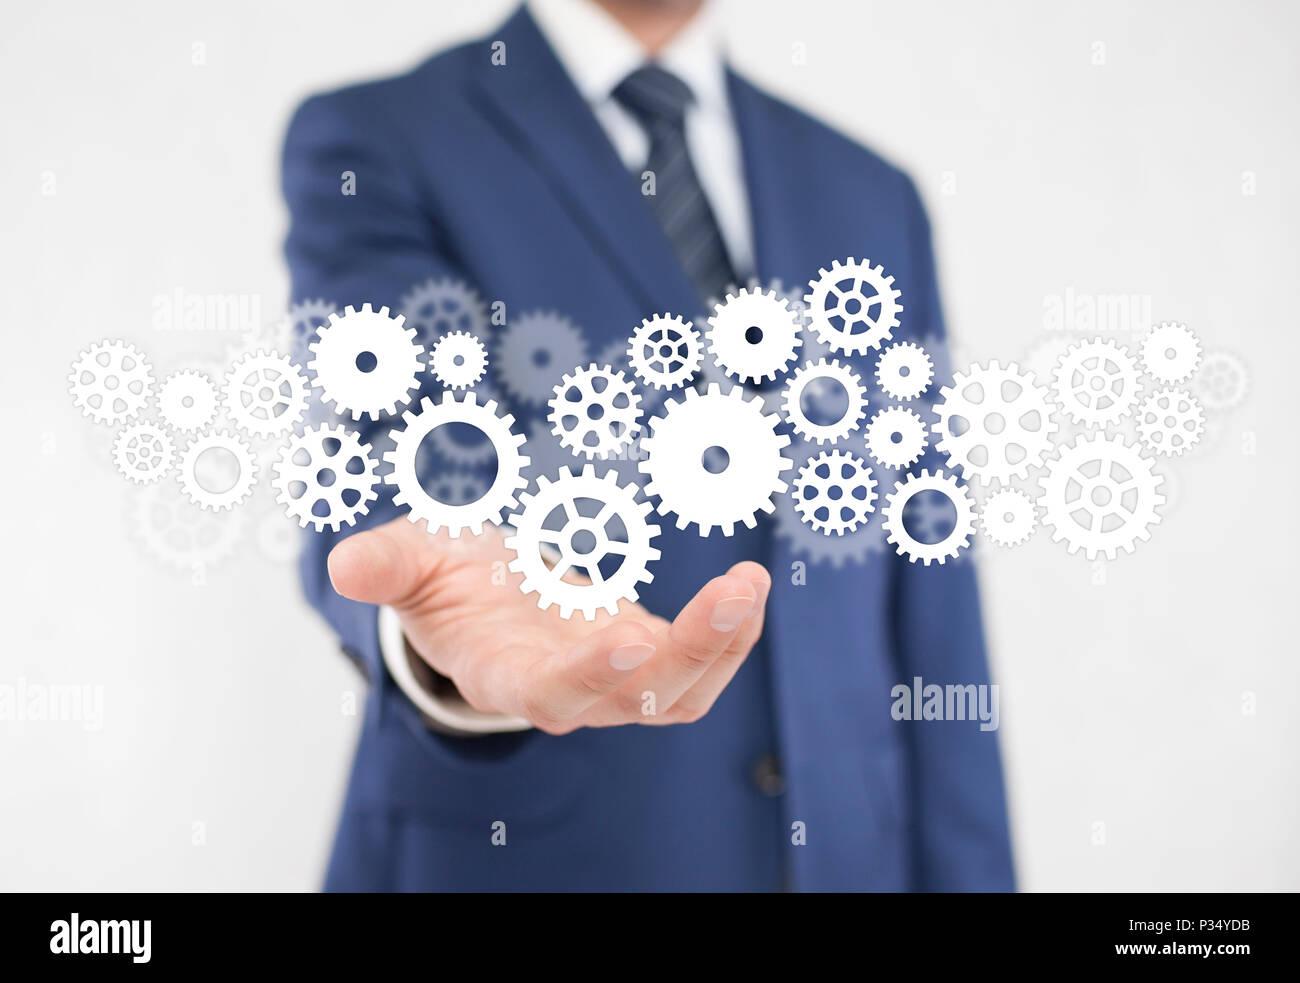 Empresario con engranajes, concepto de proceso de trabajo bien organizado. Imagen De Stock